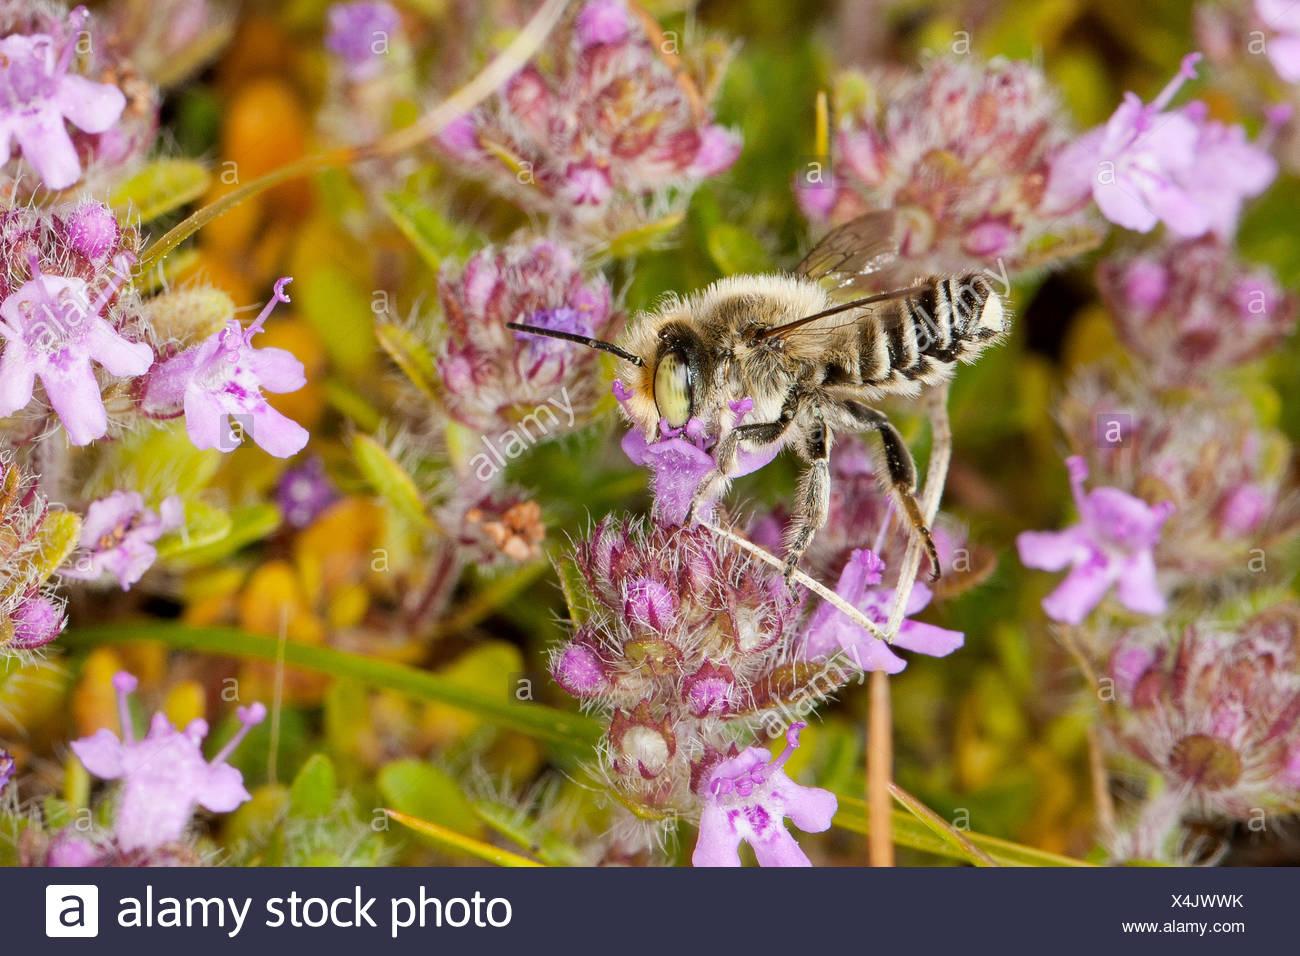 (Megachile découpeuse de spec.), homme visite une fleur de thym, Allemagne Photo Stock